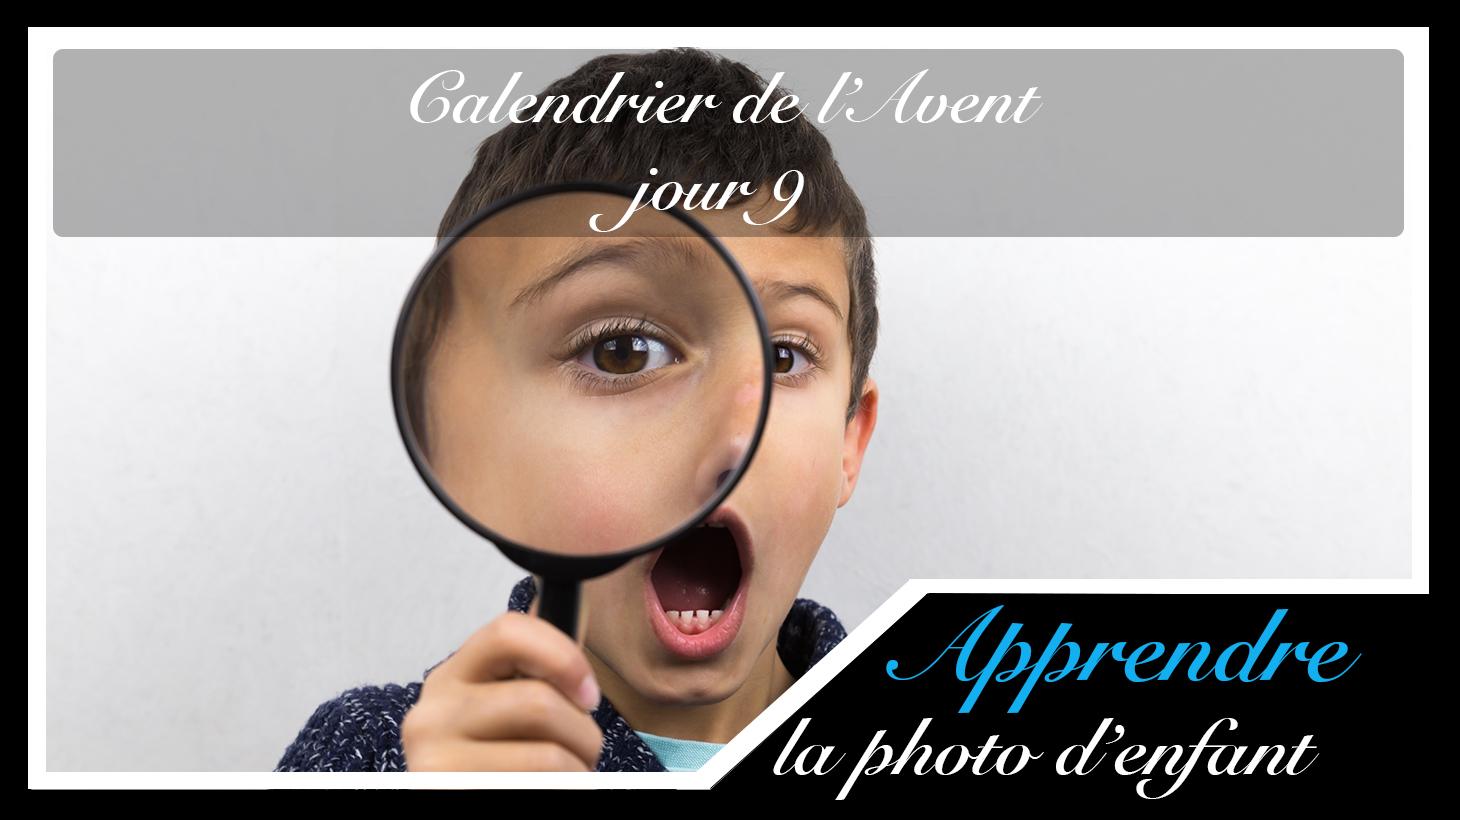 Jour 9 – Calendrier de l'Avent spécial Photo d'enfant